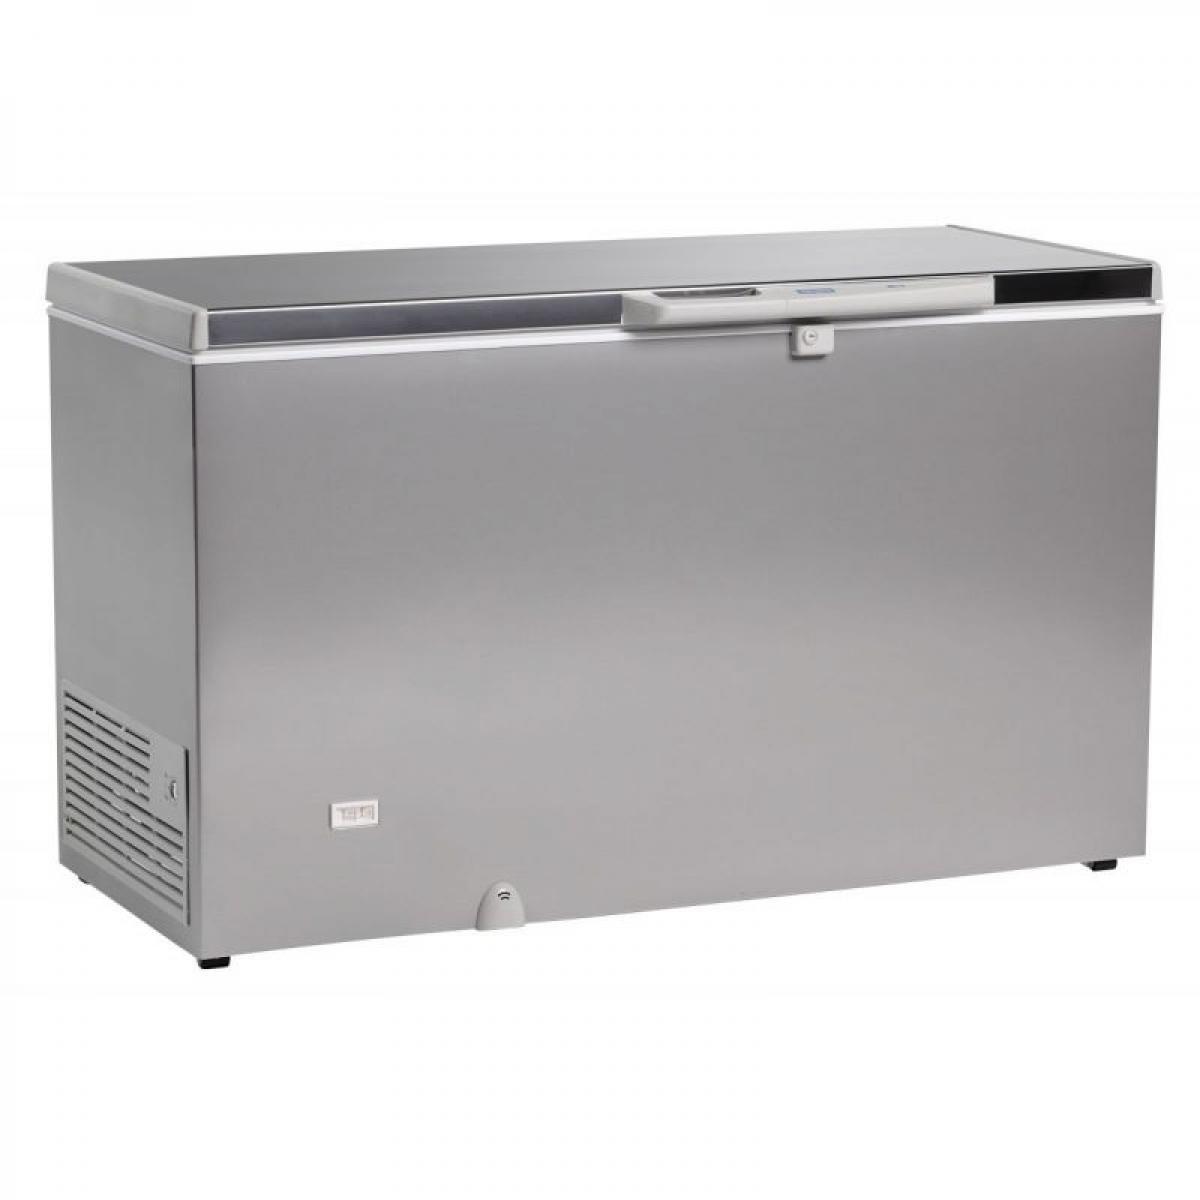 Materiel Chr Pro - Congélateur Coffre Bahut Aspect Inox - 220 à 700 L - R600A 500 Litres